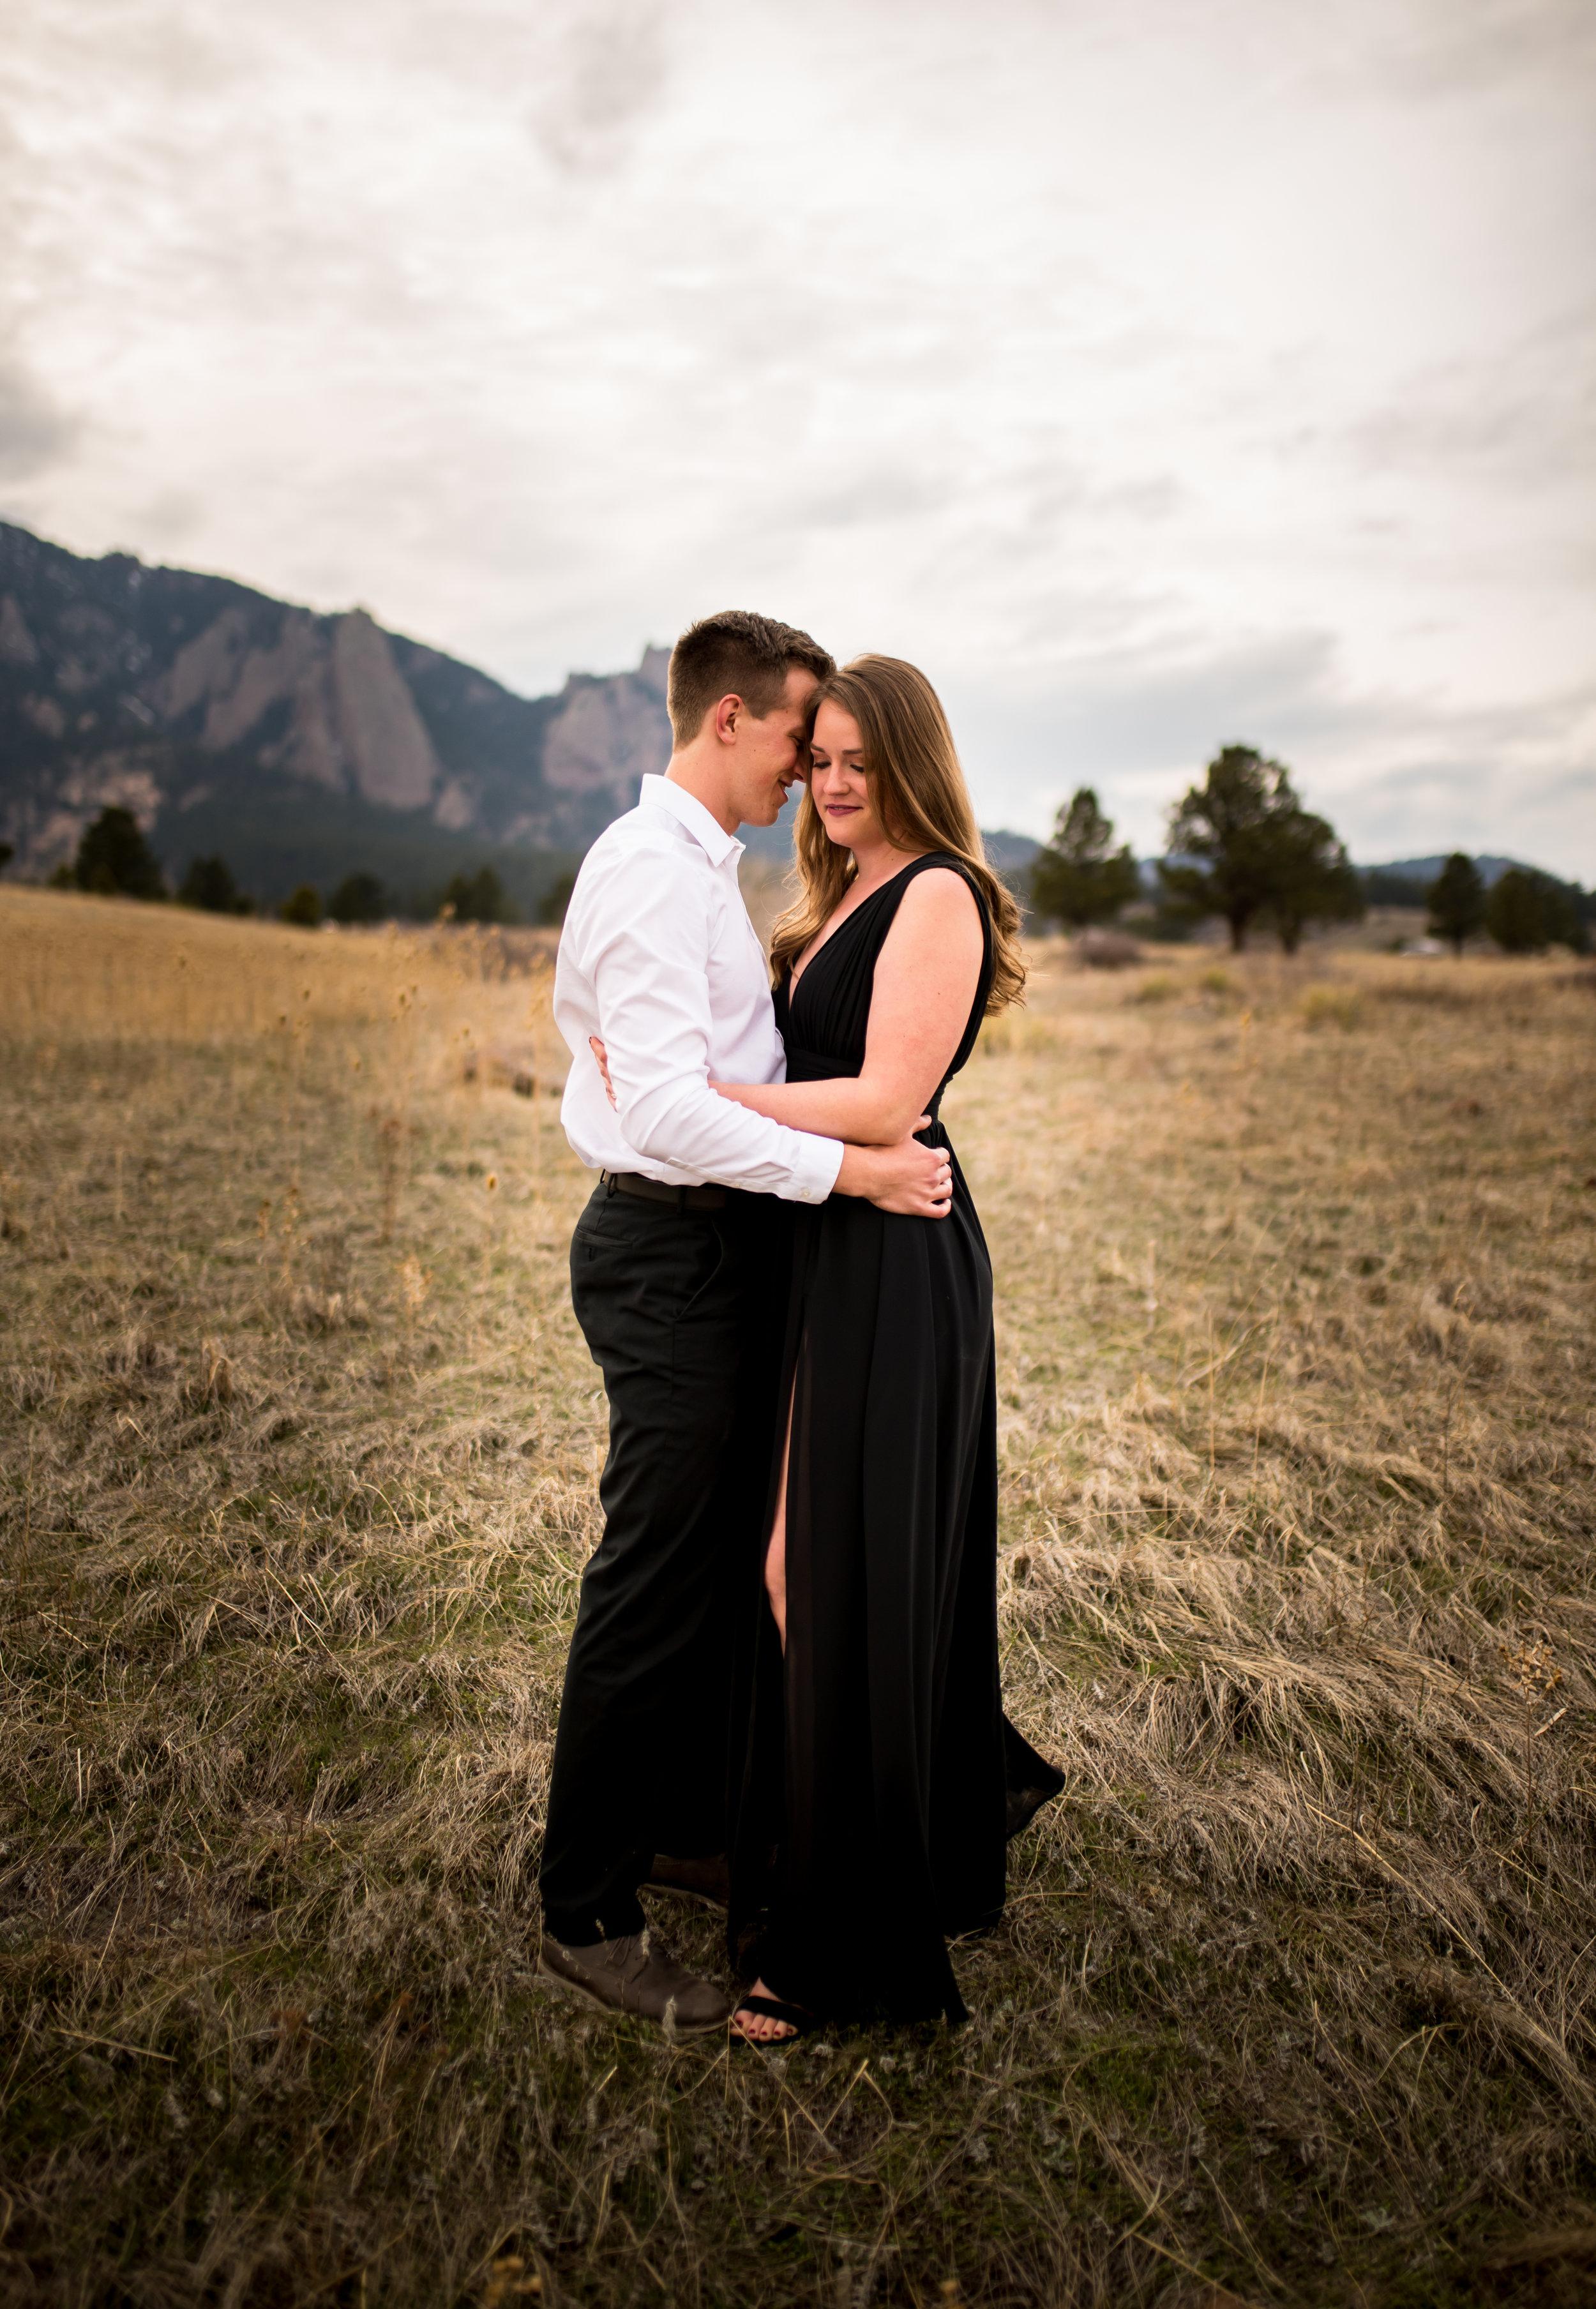 Colorado Engagement Photographer|Jennie Bennett Photography |Sarah and Matt-1.jpg